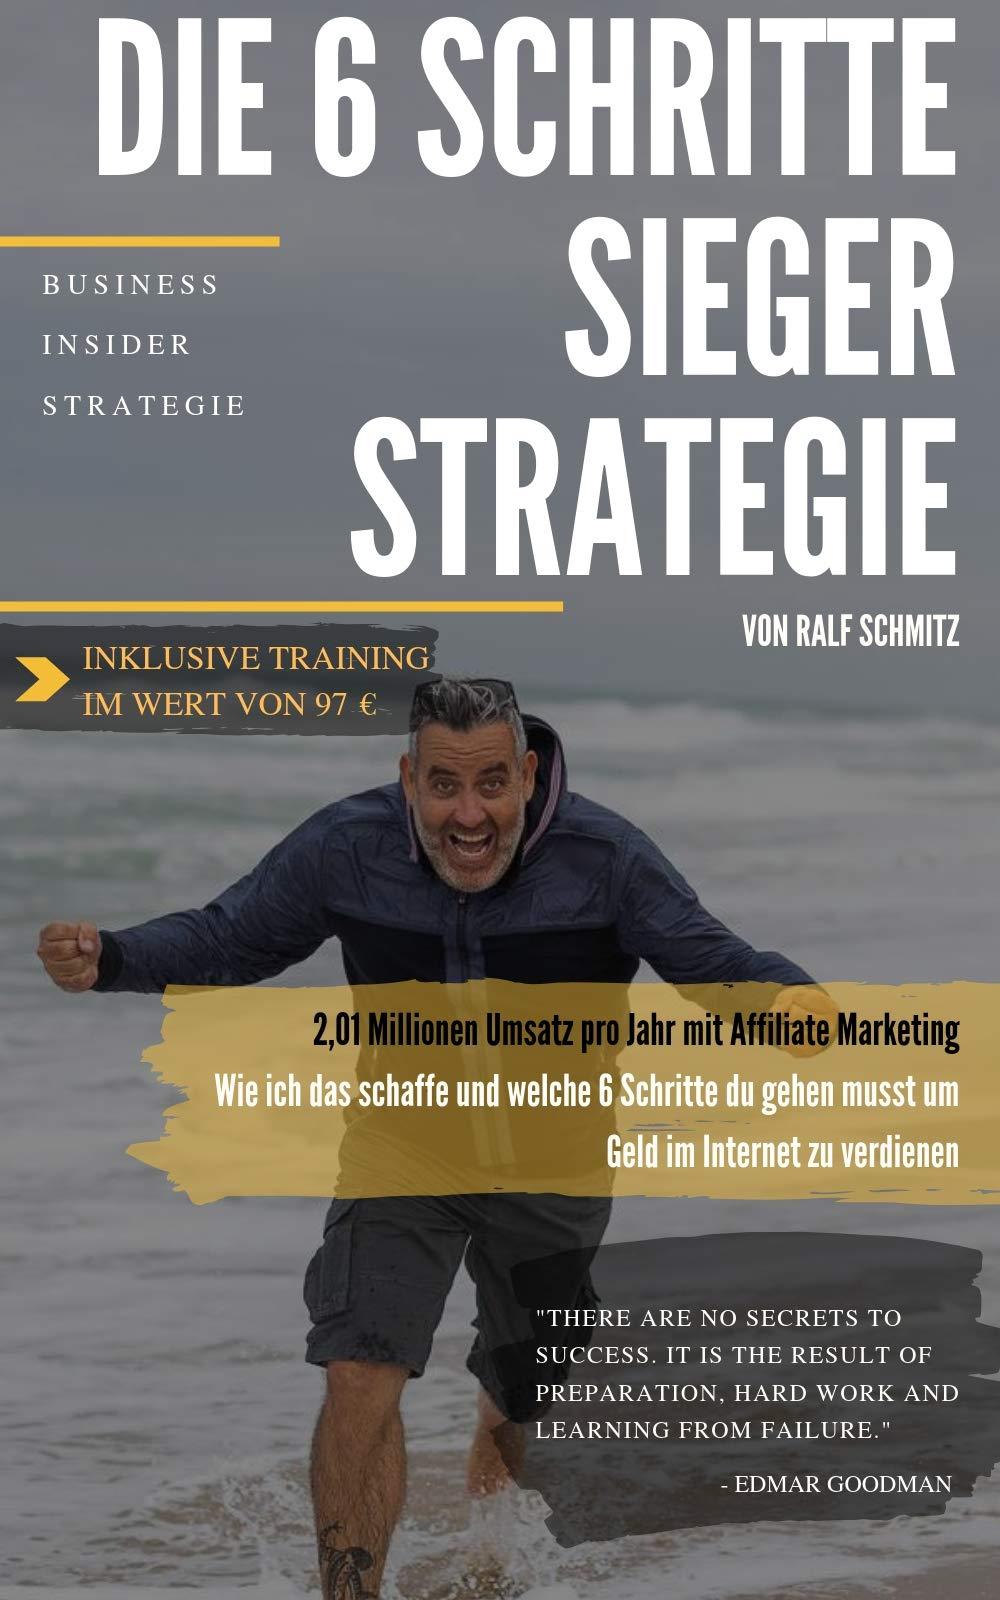 Die 6 Schritte Sieger Strategie  201 Millionen Umsatz Pro Jahr Mit Affiliate Marketing   Wie Ich Das Schaffe Und Welche 6 Schritte Du Gehen Musst Um Geld Im Internet Zu Verdienen